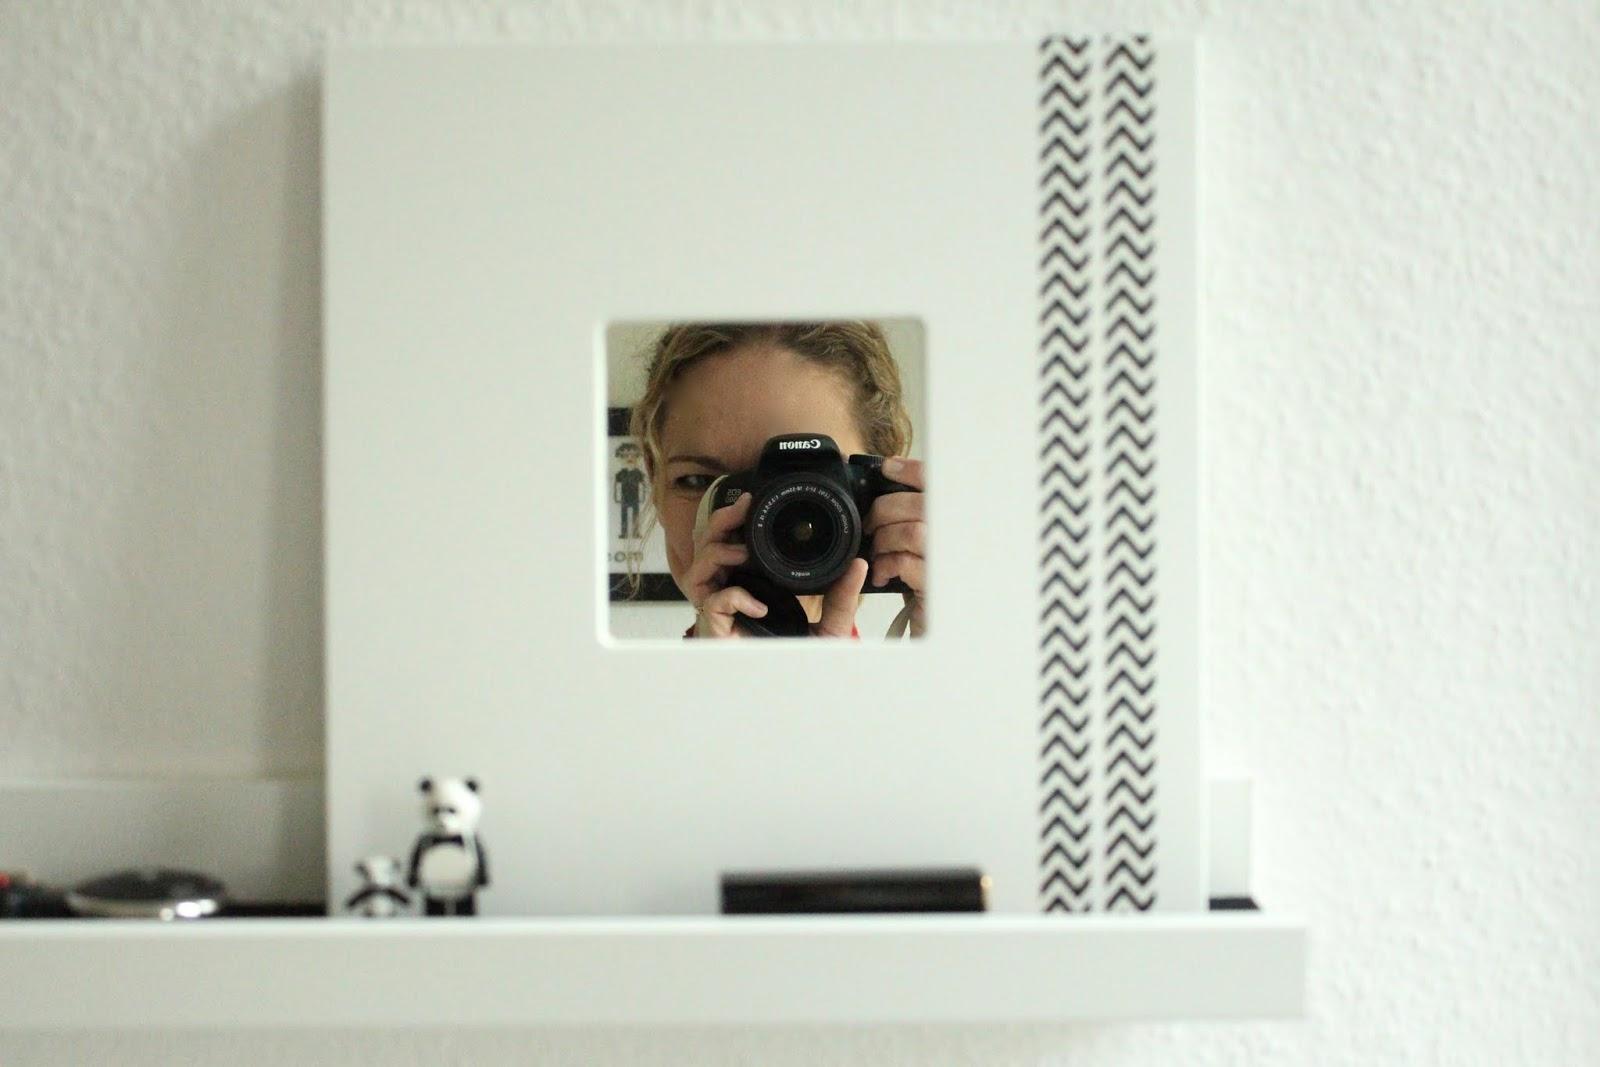 Kleiner mit spiegel interesting jhdt kleiner in with for Spiegel zum aufstellen